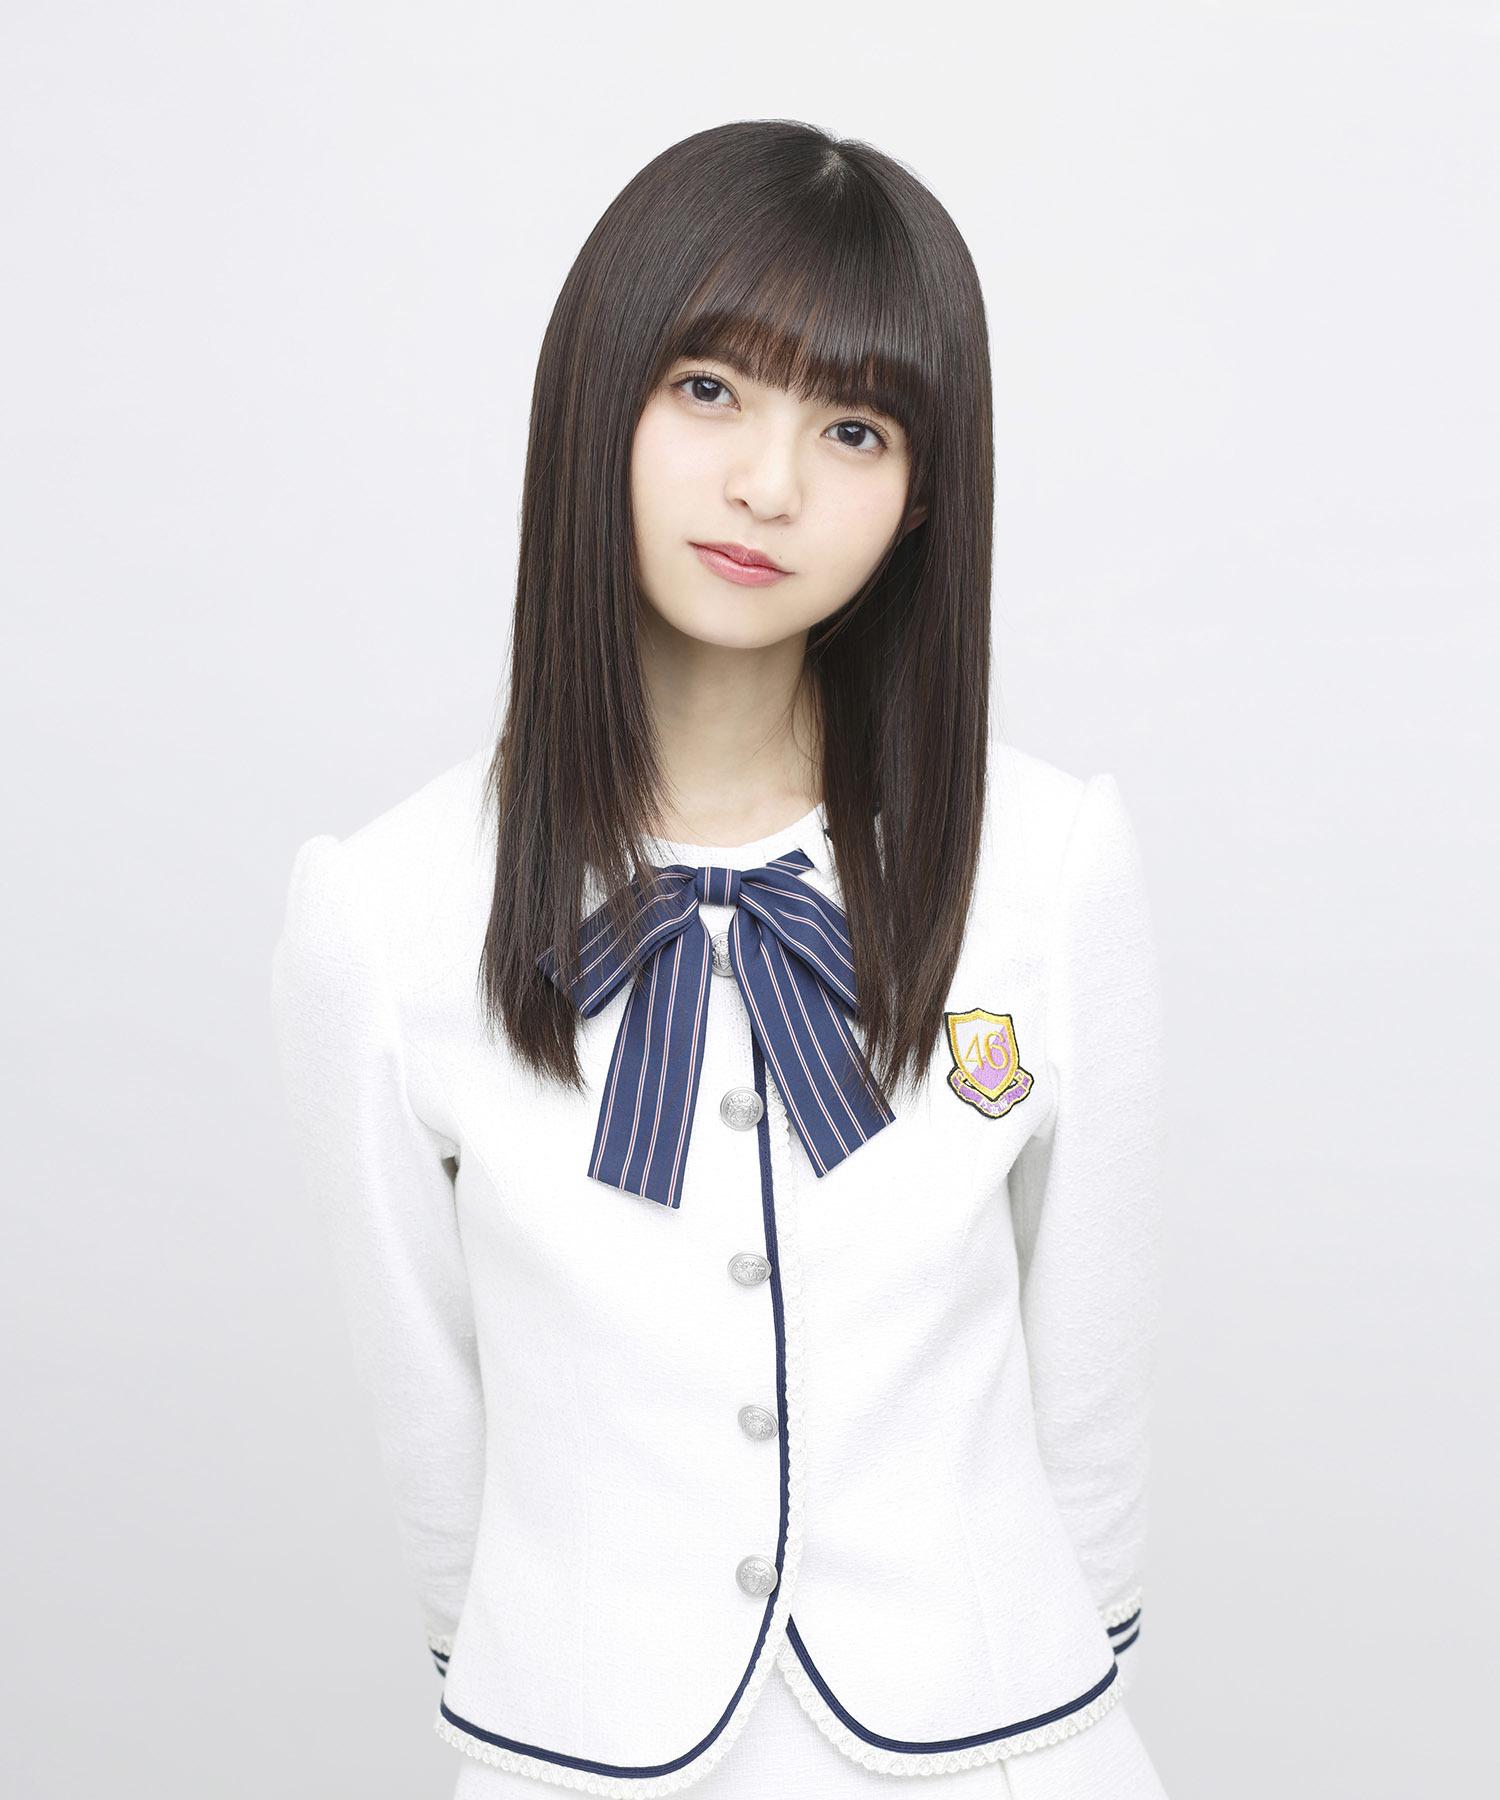 saitou_asuka056.jpg